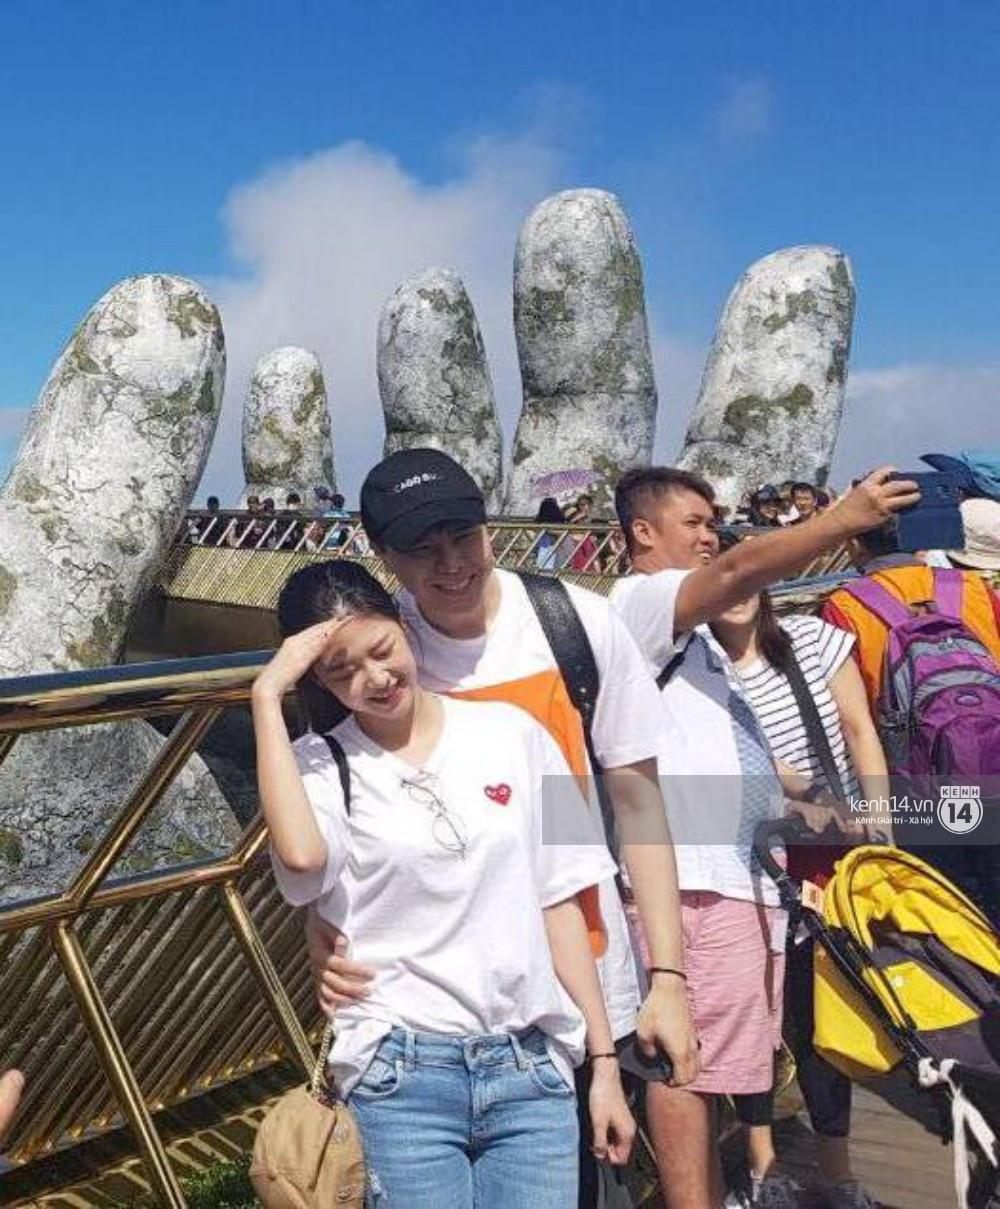 Trịnh Thăng Bình và Liz Kim Cương diện đồ đôi liên tục, ngày càng lộ rõ tình trạng mối quan hệ